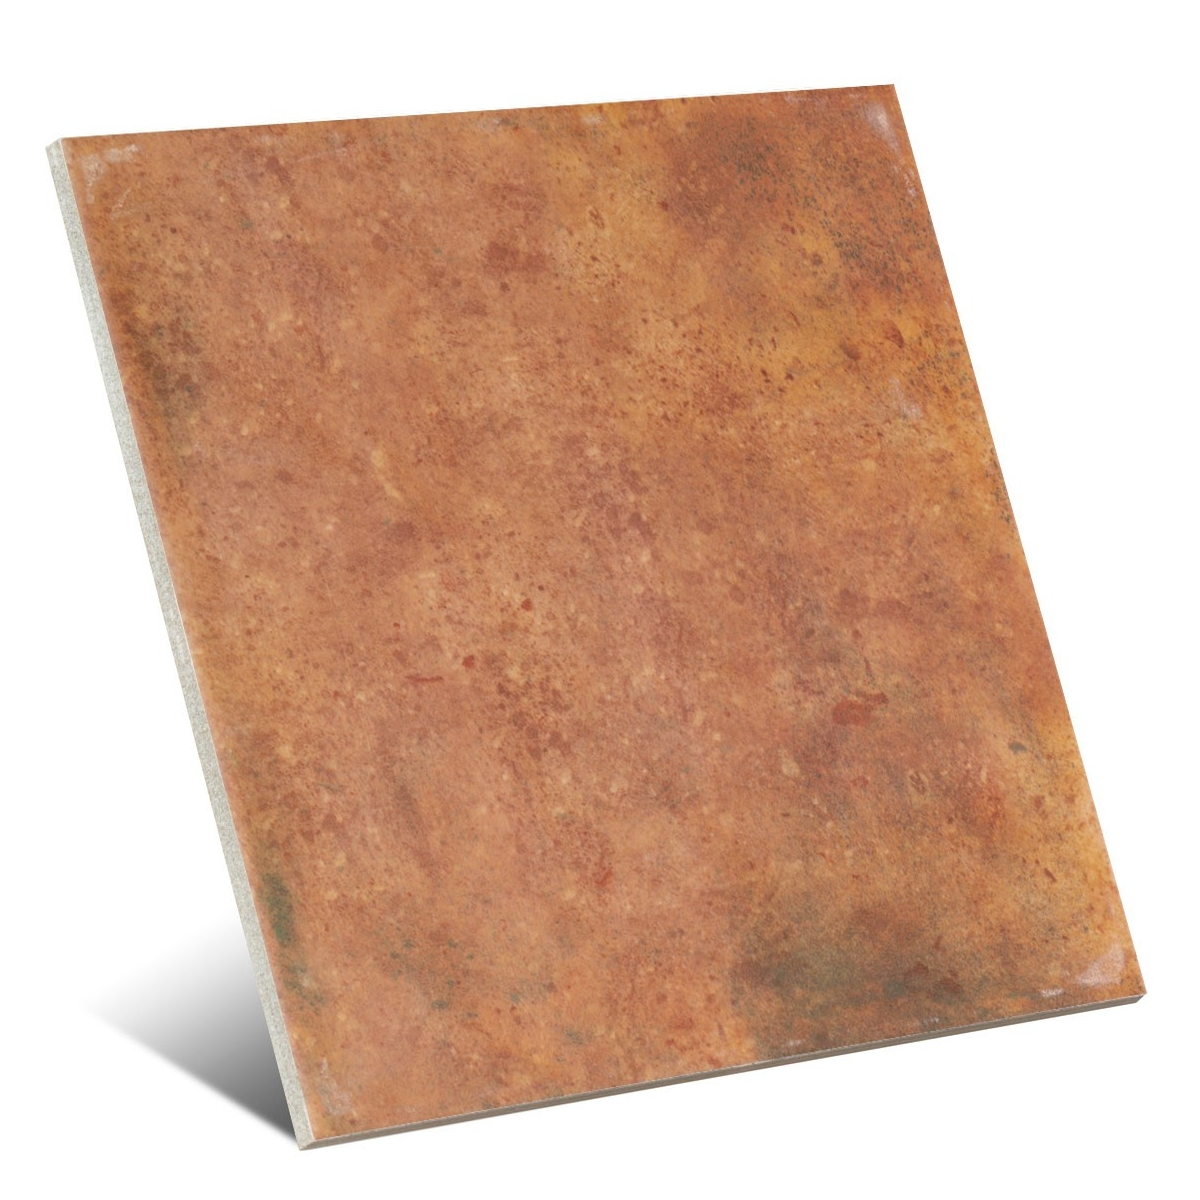 Barro Cotto 20x20 (caja 1 m2)